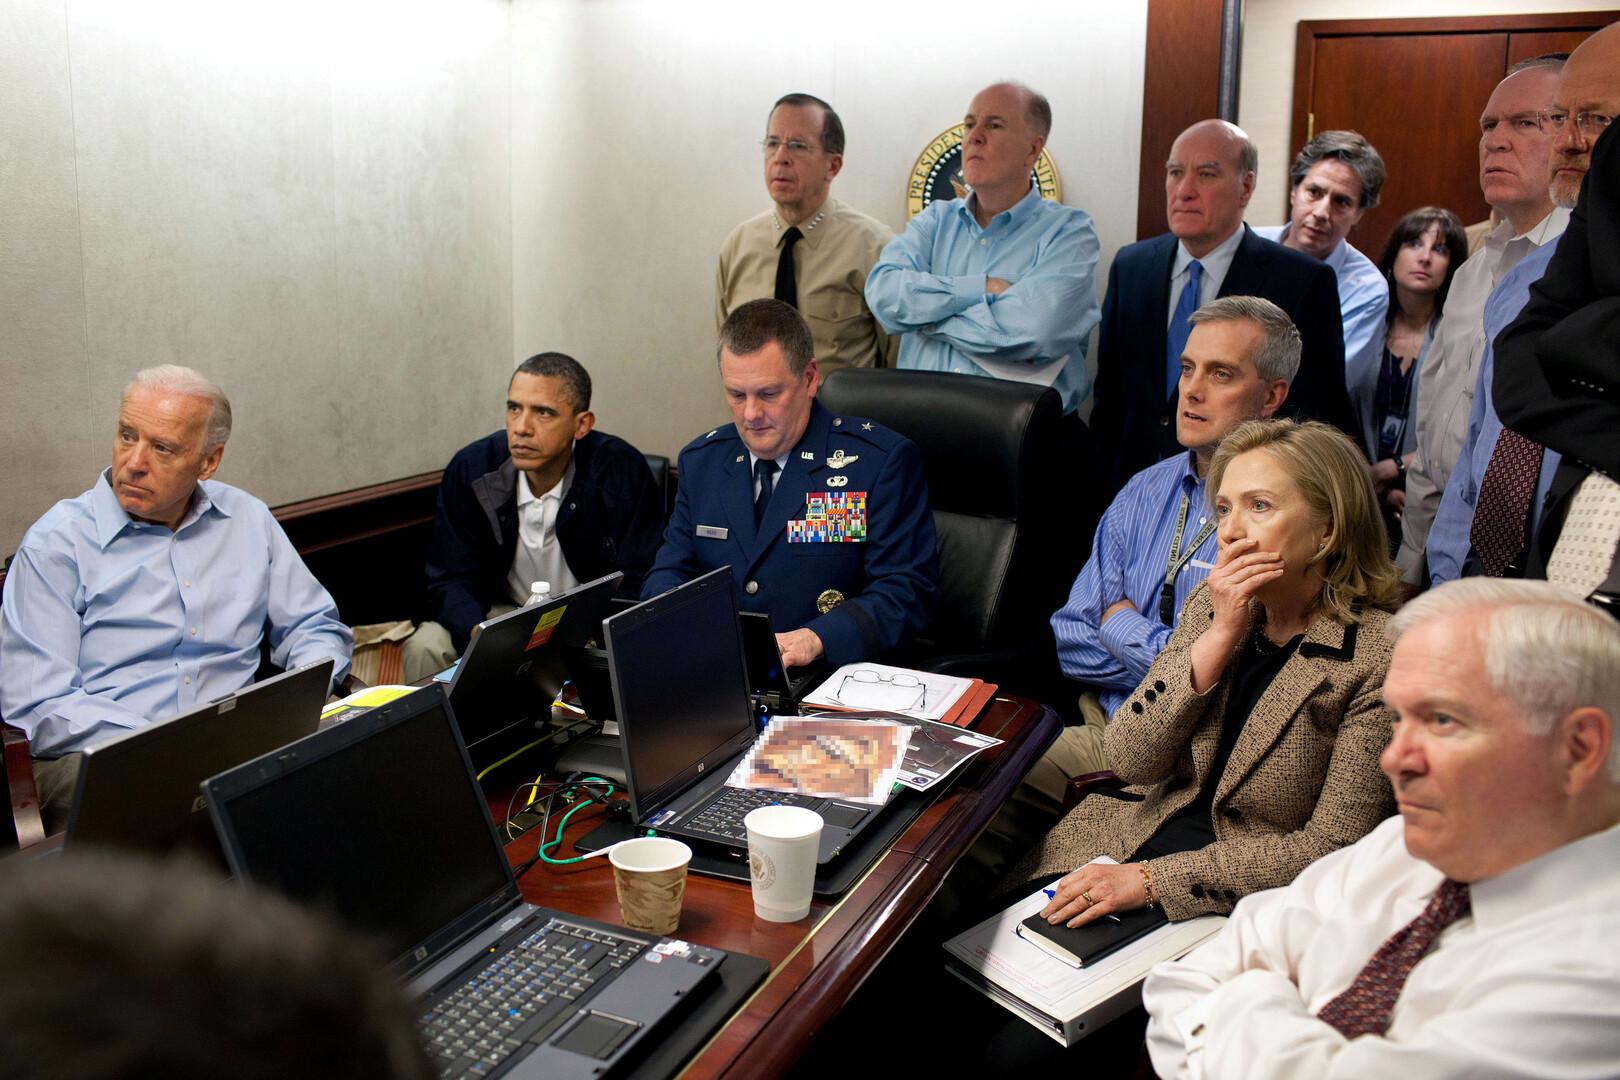 البيت الأبيض ينشر صورة لترامب وهو يتابع عملية قتل البغدادي